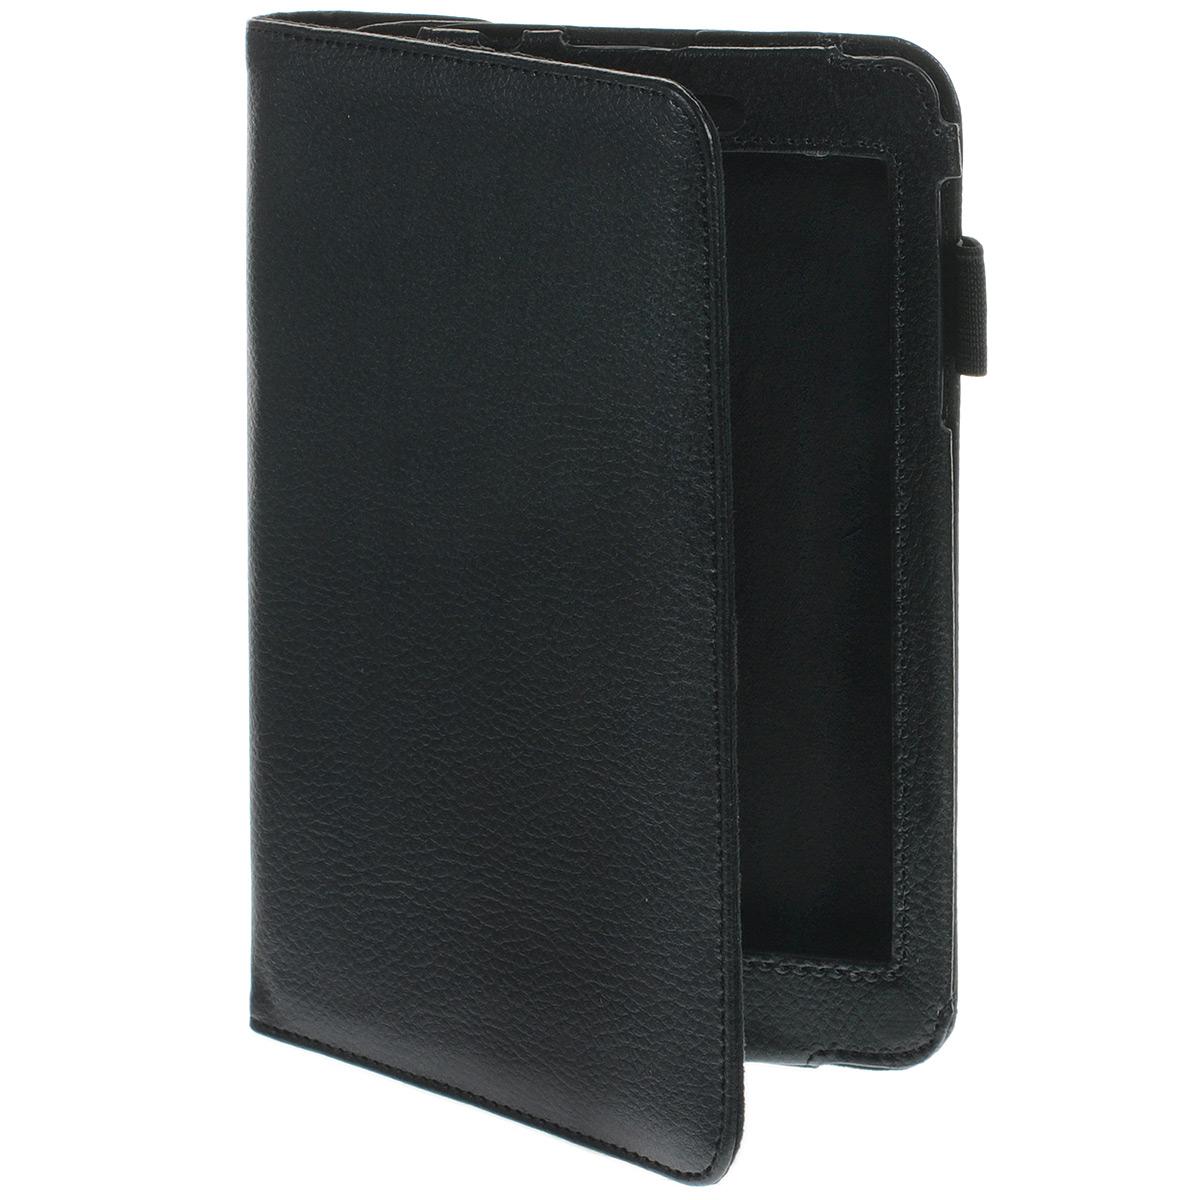 IT Baggage поворотный чехол для Asus Nexus 7, BlackITASNX706-1Поворотный чехол IT Baggage для Asus Nexus 7 - это стильный и лаконичный аксессуар, позволяющий сохранить планшет в идеальном состоянии. Надежно удерживая технику, обложка защищает корпус и дисплей от появления царапин, налипания пыли. Также чехол IT Baggage Asus Nexus 7 можно использовать как подставку для чтения или просмотра фильмов. Имеет свободный доступ ко всем разъемам устройства.